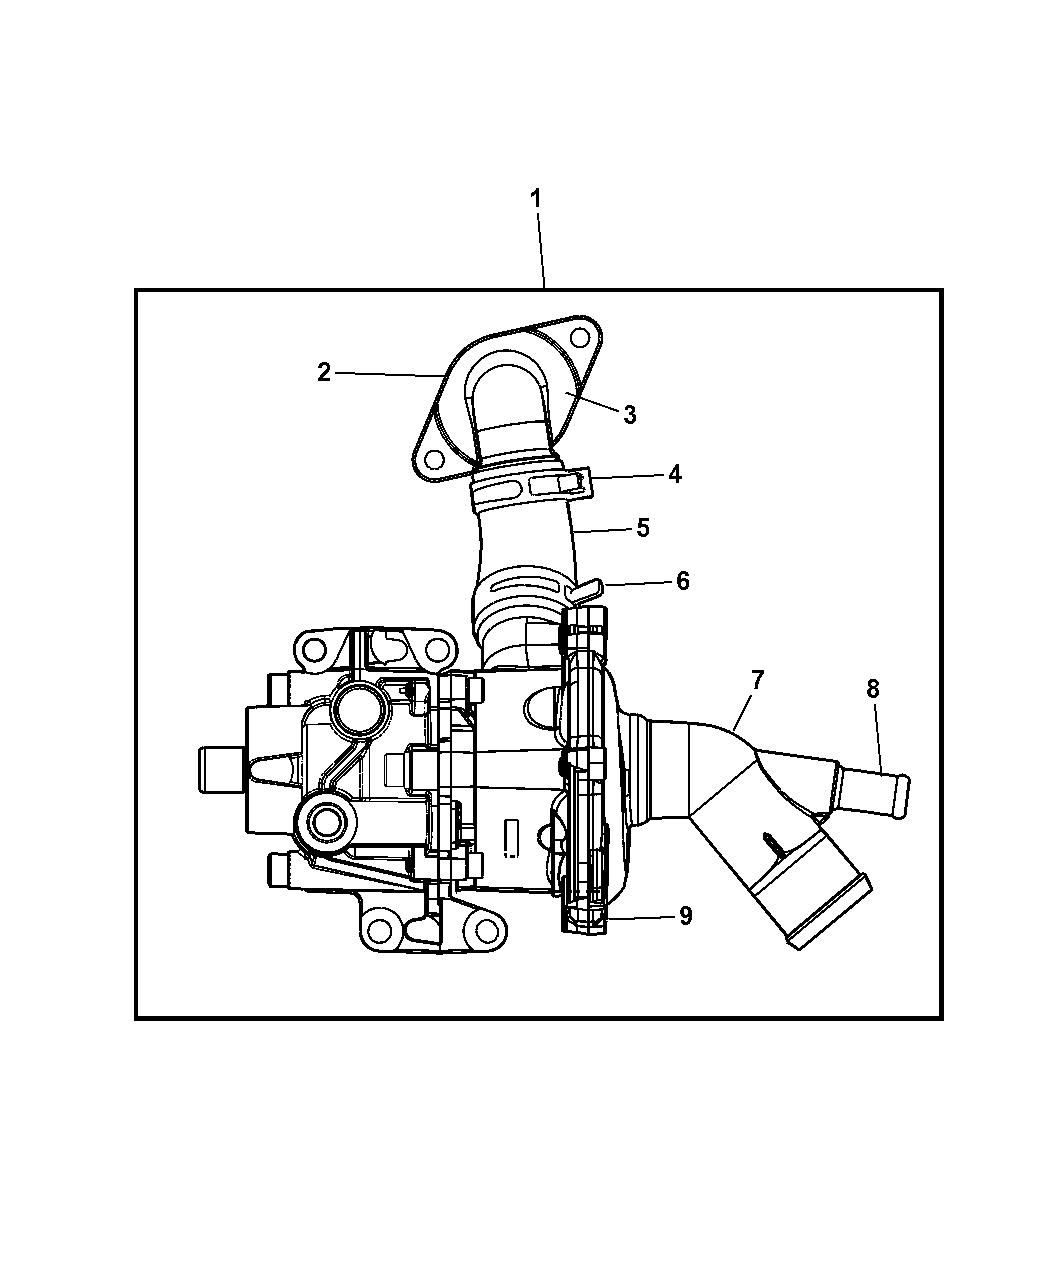 4693090AH - Genuine Mopar PUMP-POWER STEERING/WATER